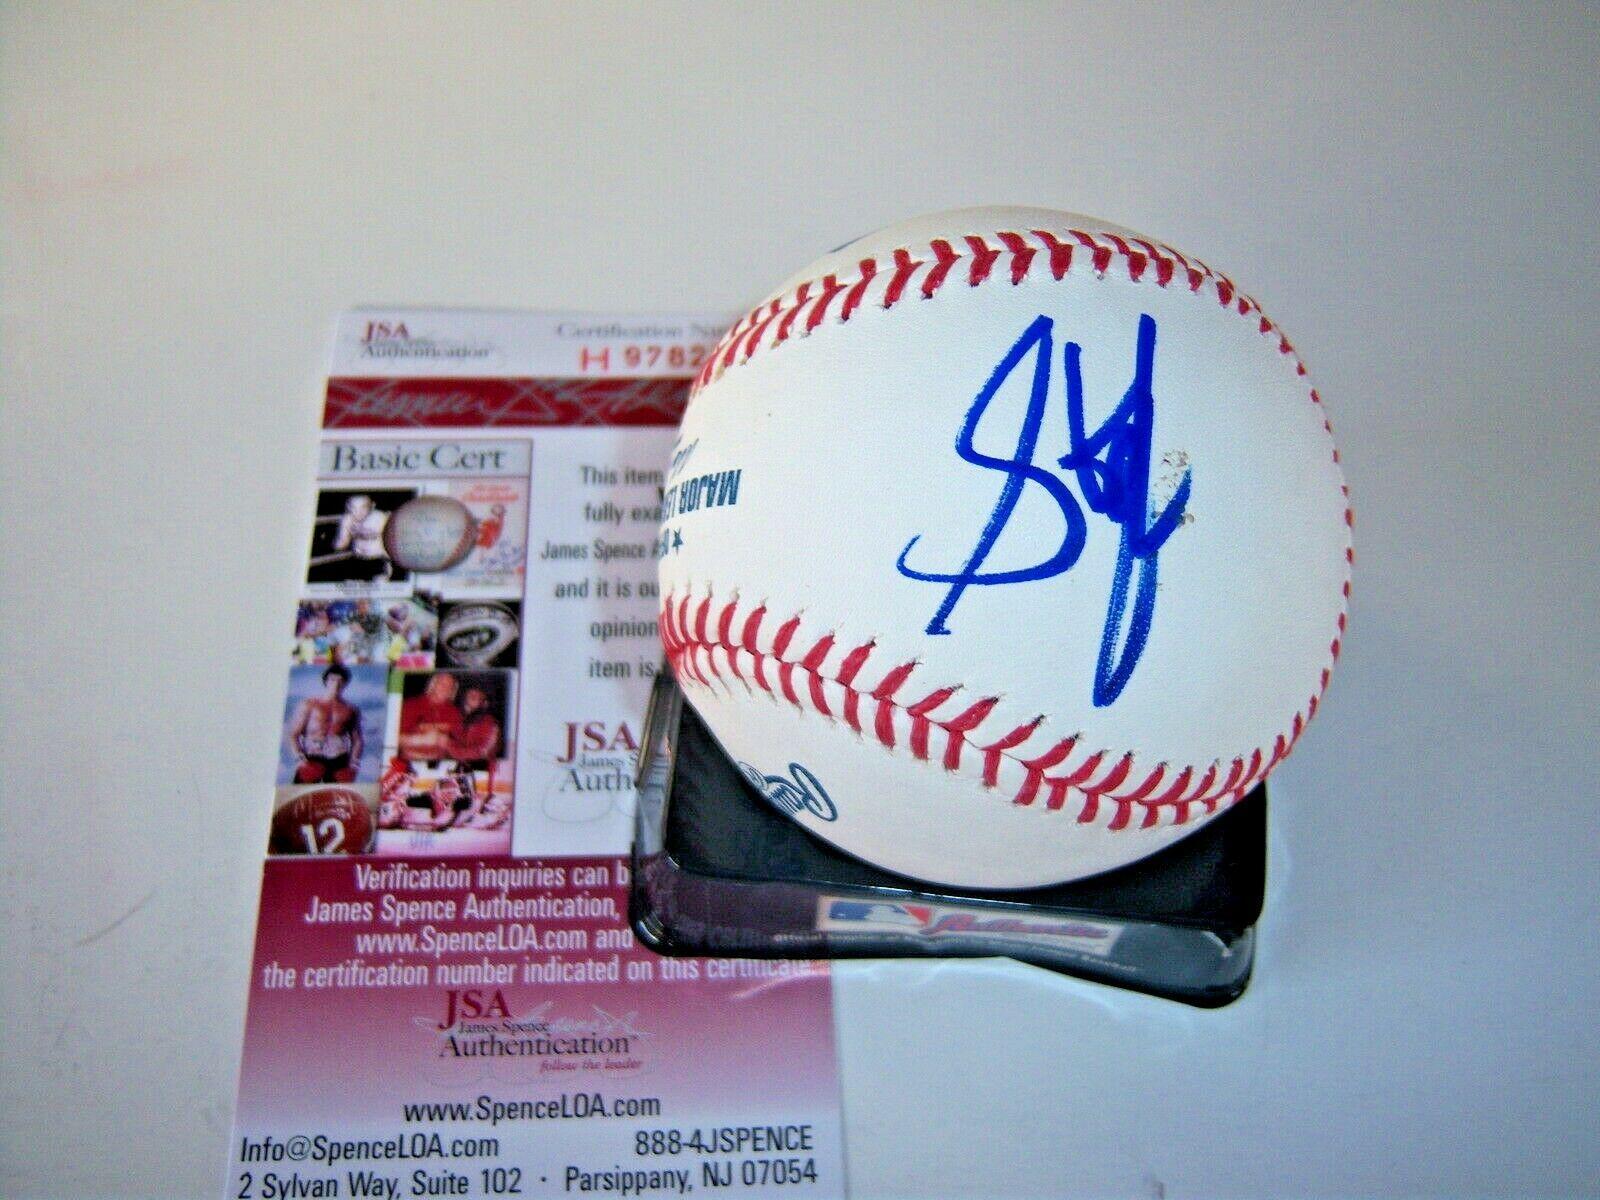 Steven Tyler Autographed Baseball - american Idol Judge Jsa coa